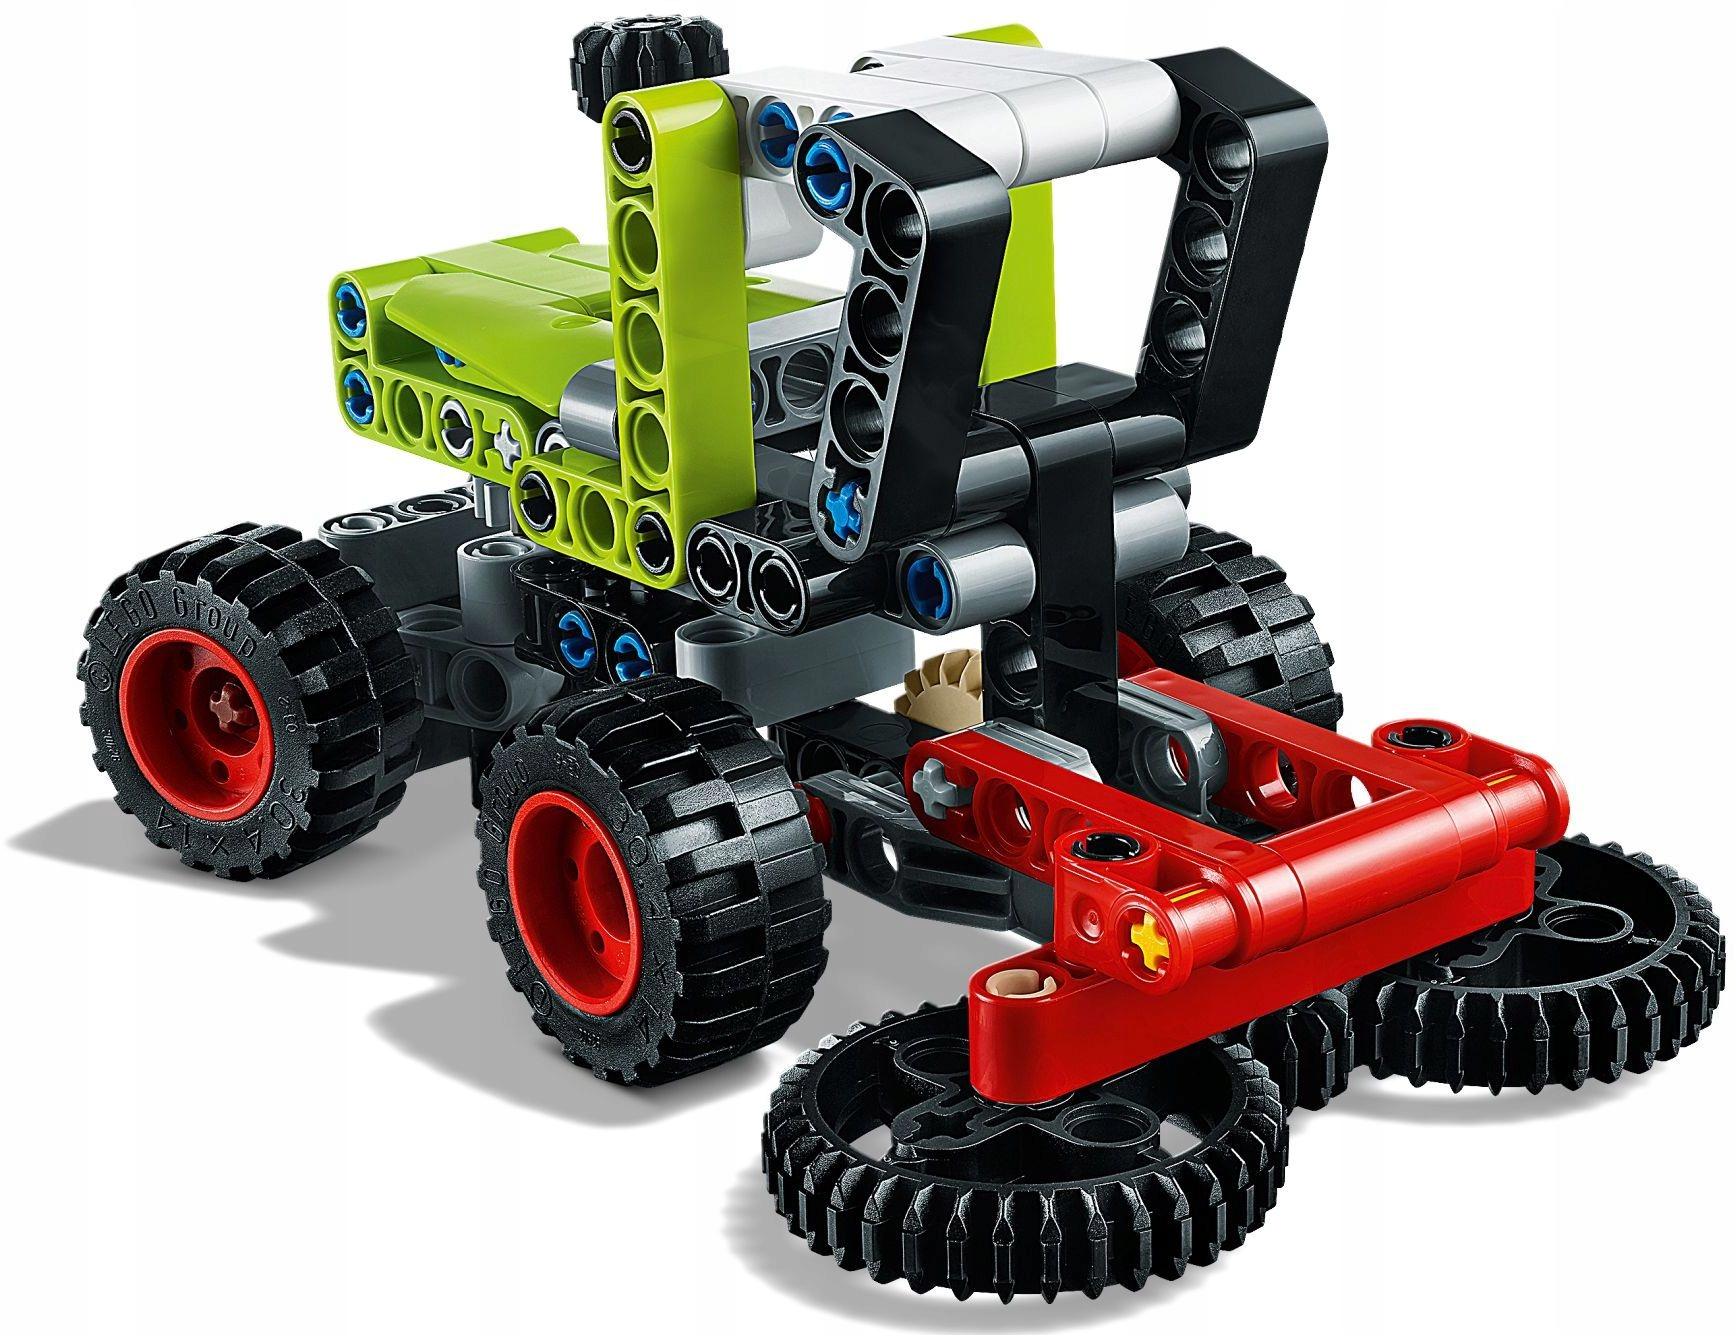 LEGO 42102 Technic Traktor Kombajn PEWNI SZYBKO Wiek dziecka 7 lat +